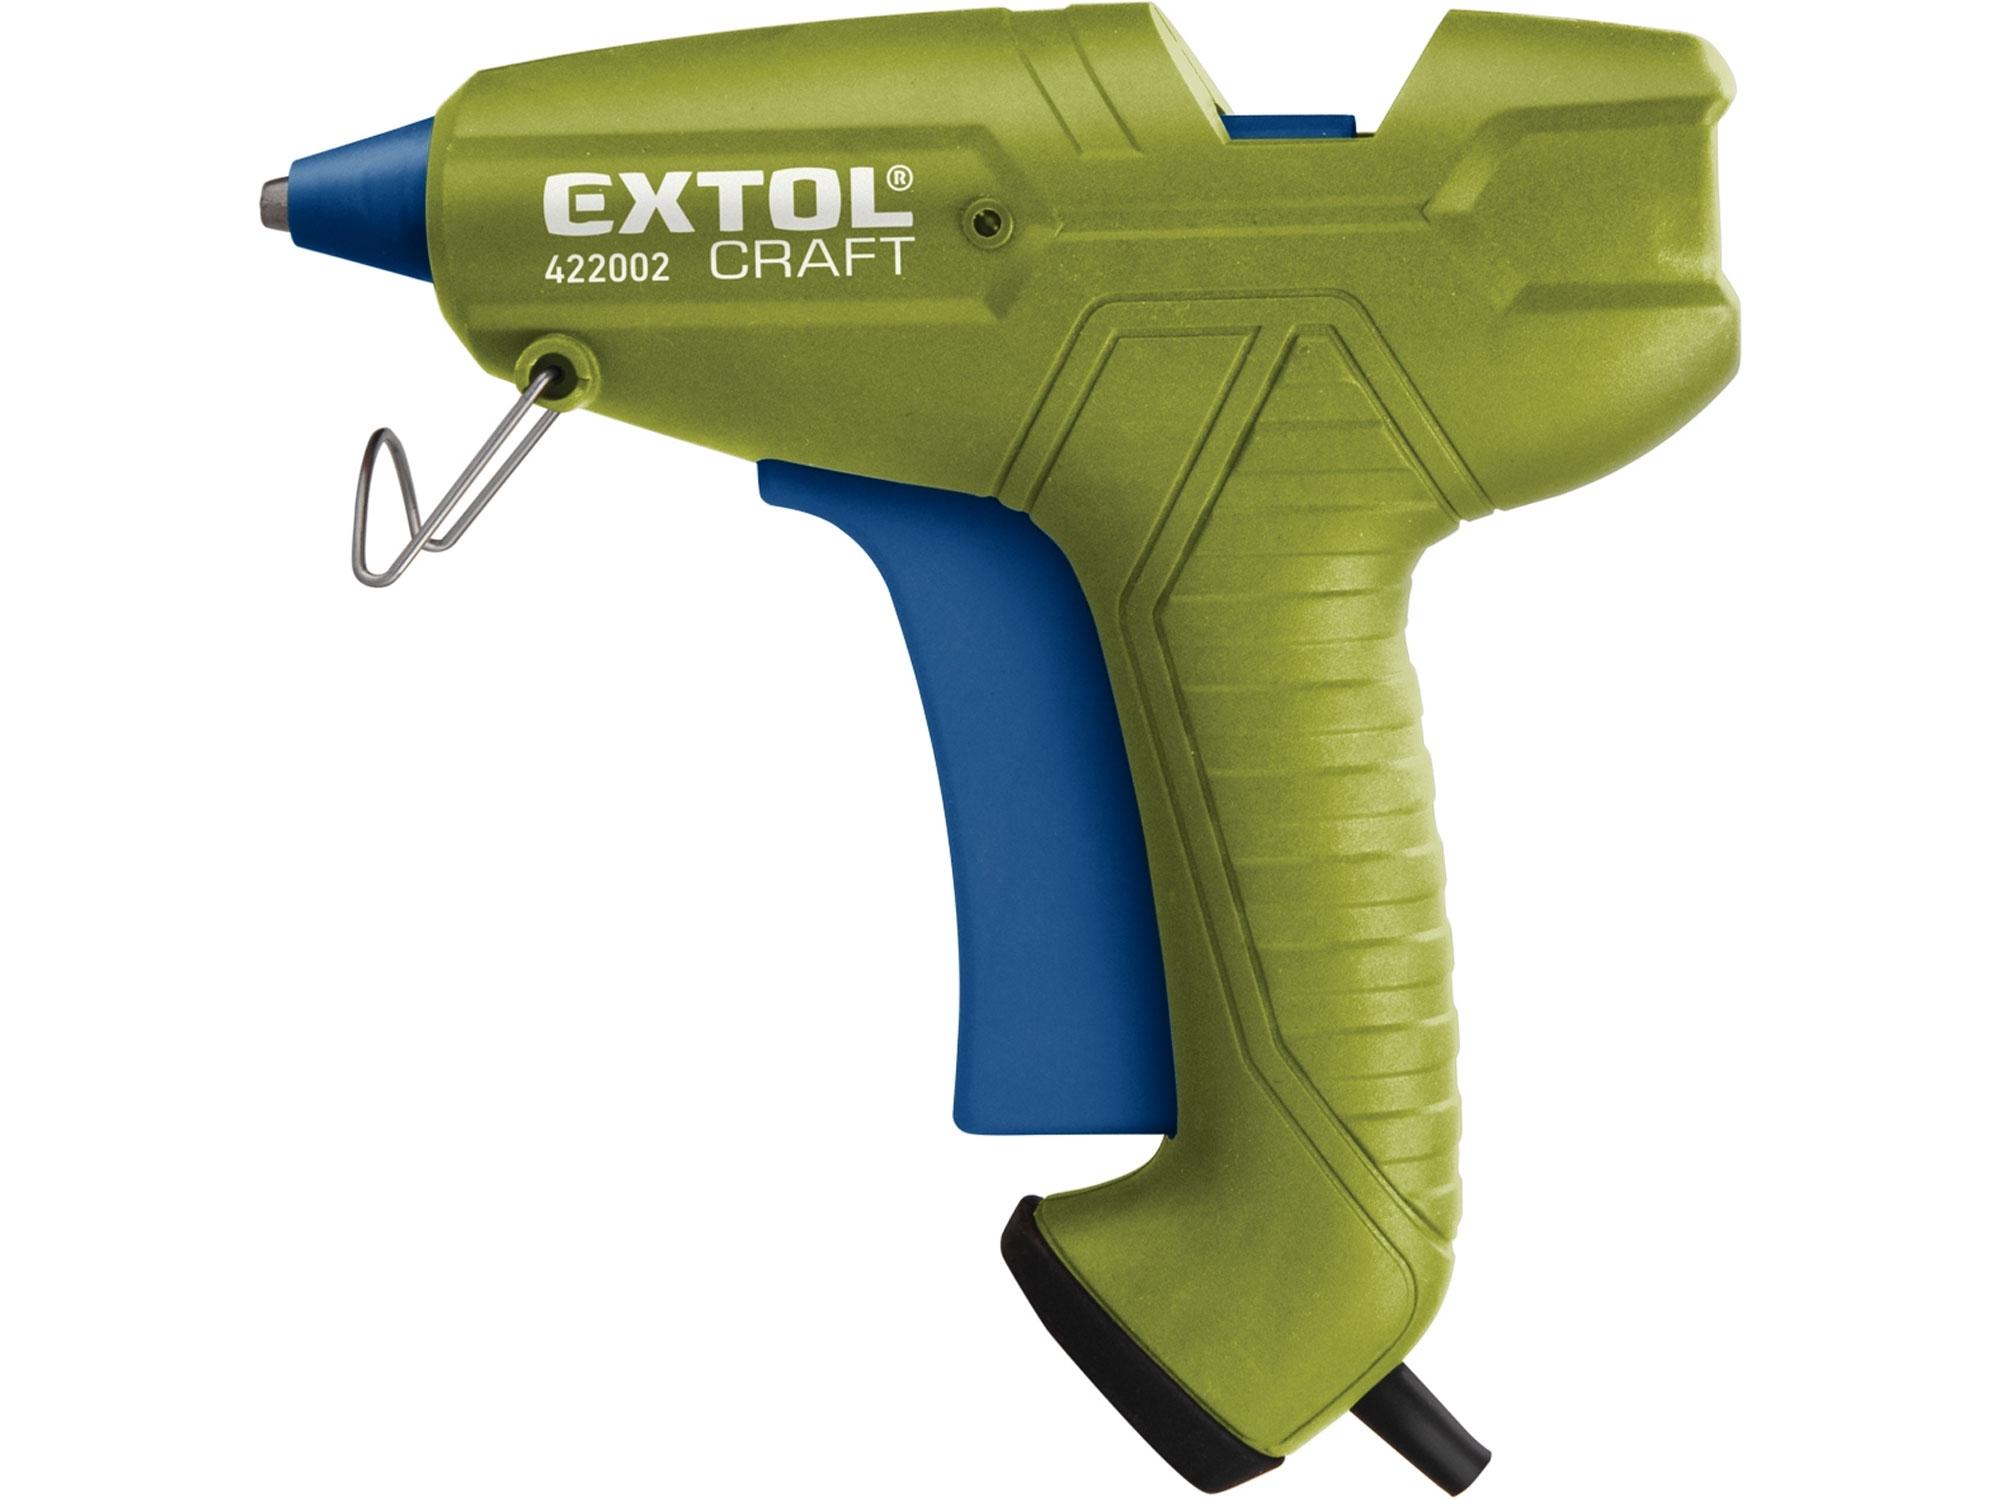 pistole tavná lepící, ?11mm, 65W, EXTOL CRAFT, 422002 422002